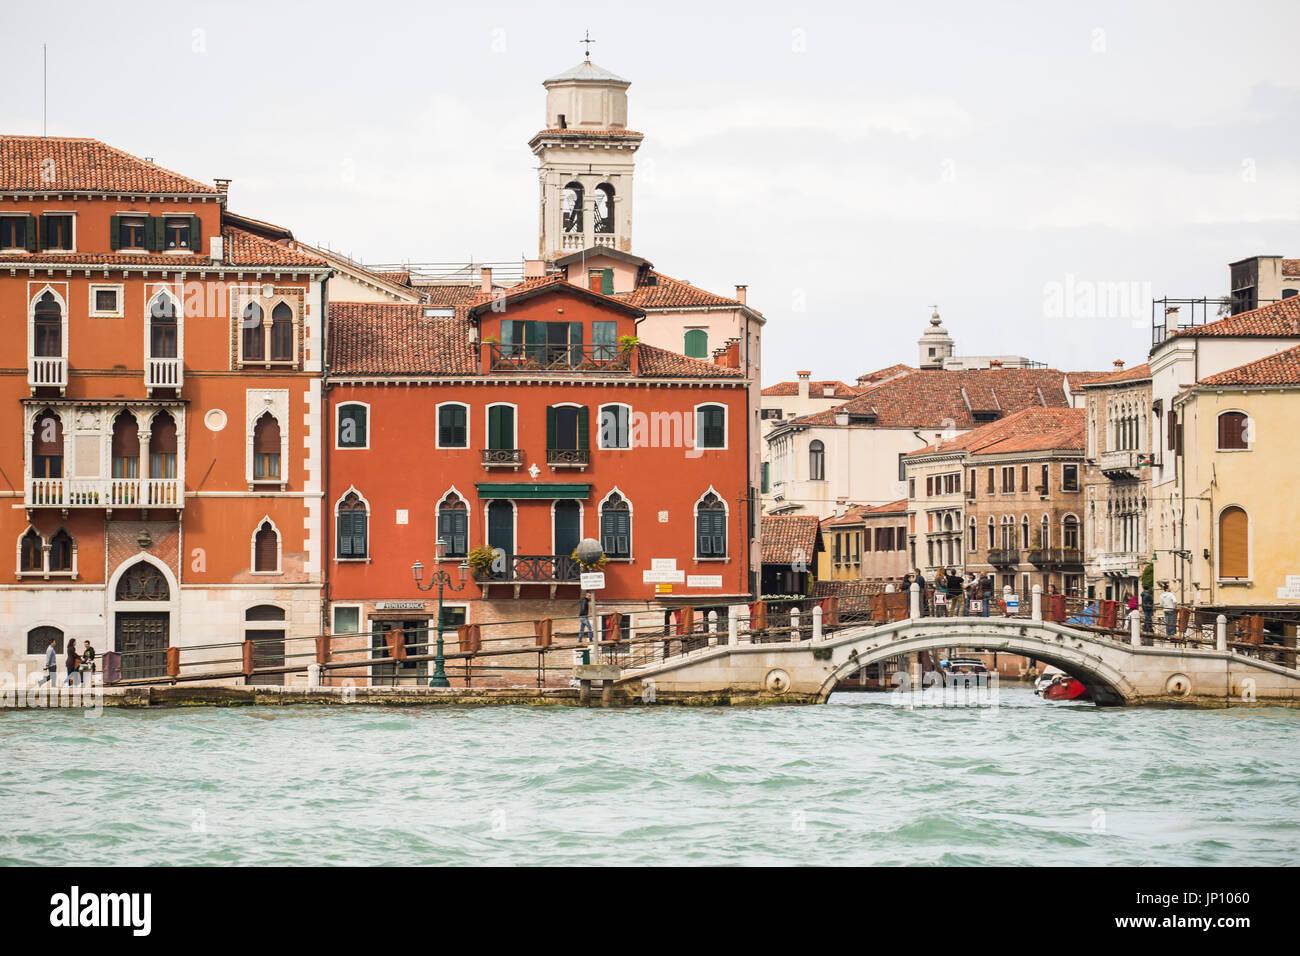 Venice, Italy - April 23, 2012: Campo de l'Agnese seen from the Giudecca Canal, Venice, Italy. - Stock Image